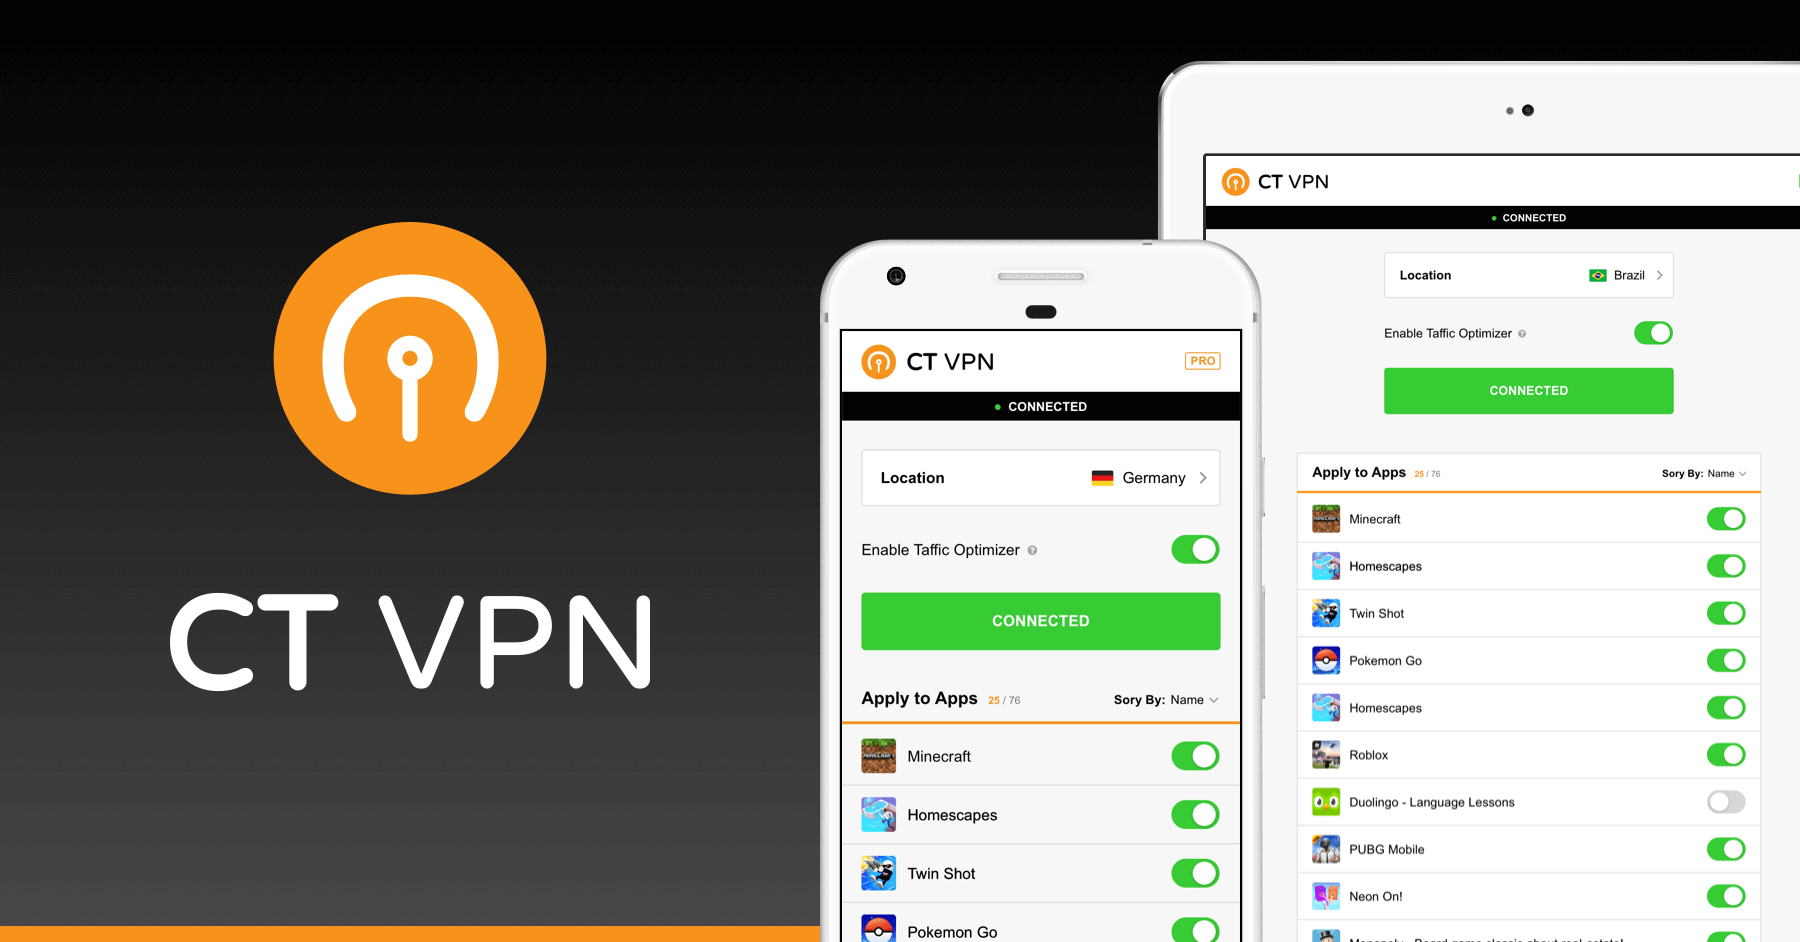 ct-vpn.com